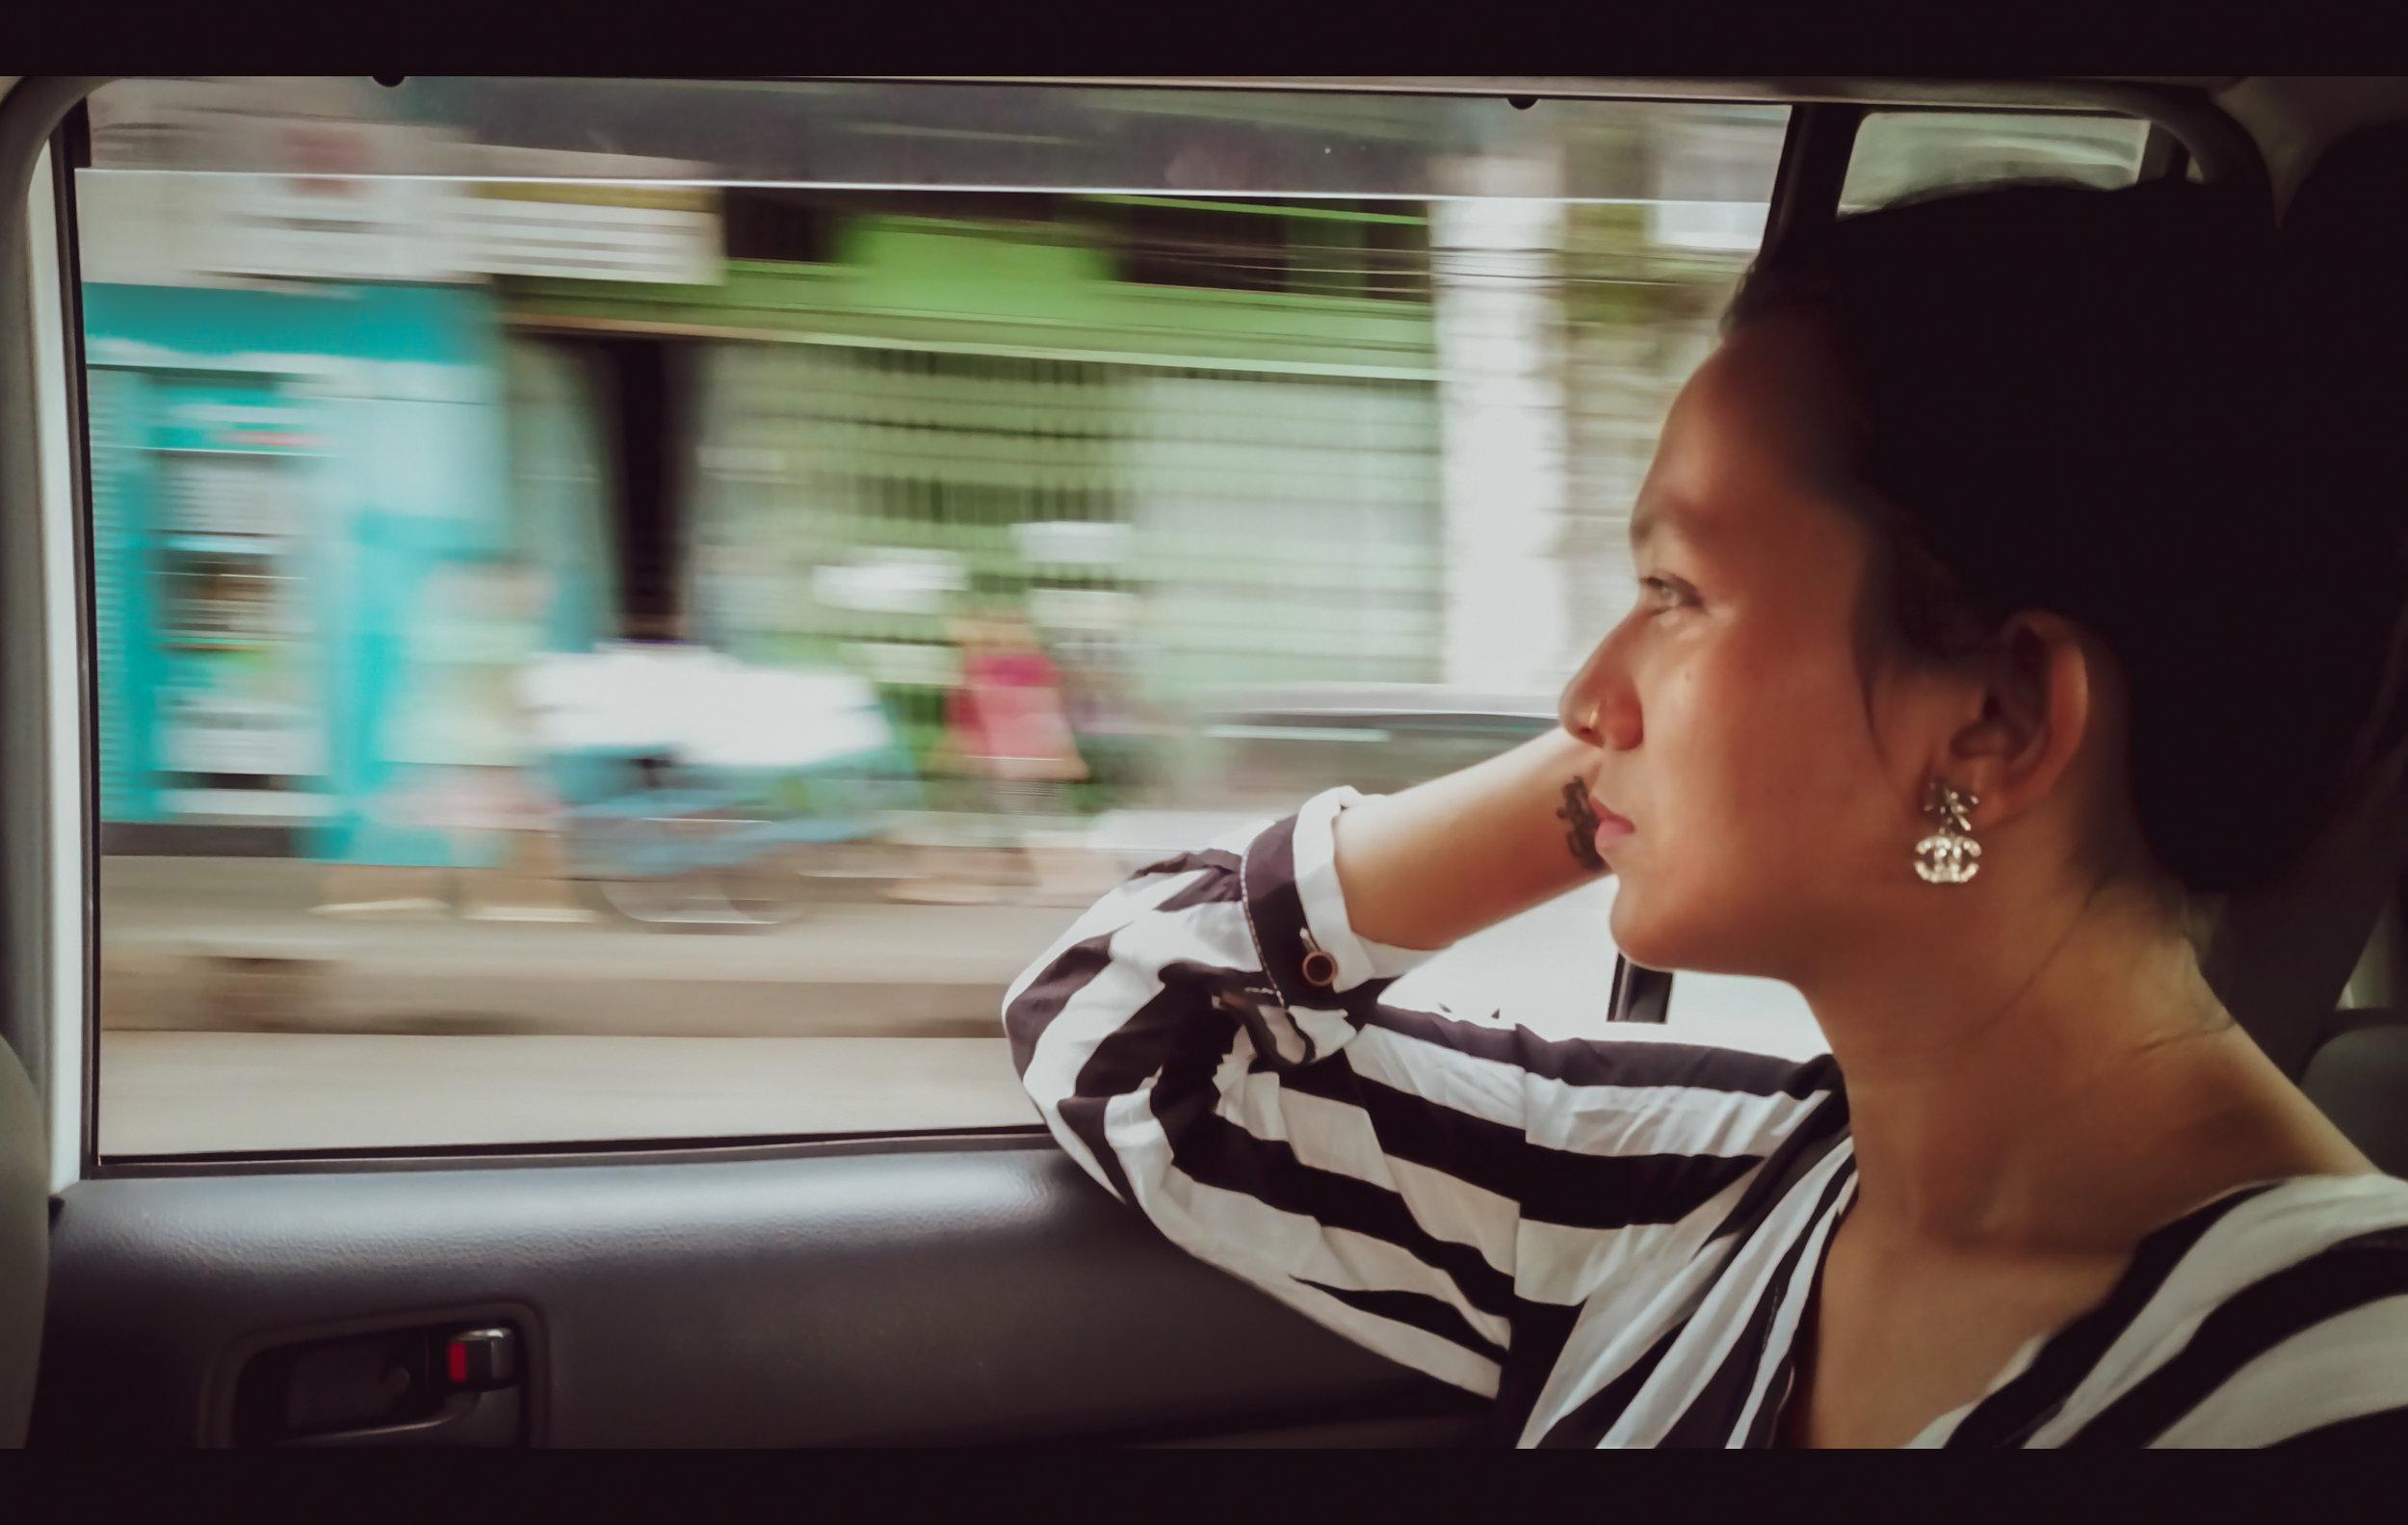 Nandar Gyawalli in downtown Yangon (credit: Vishal Arora)